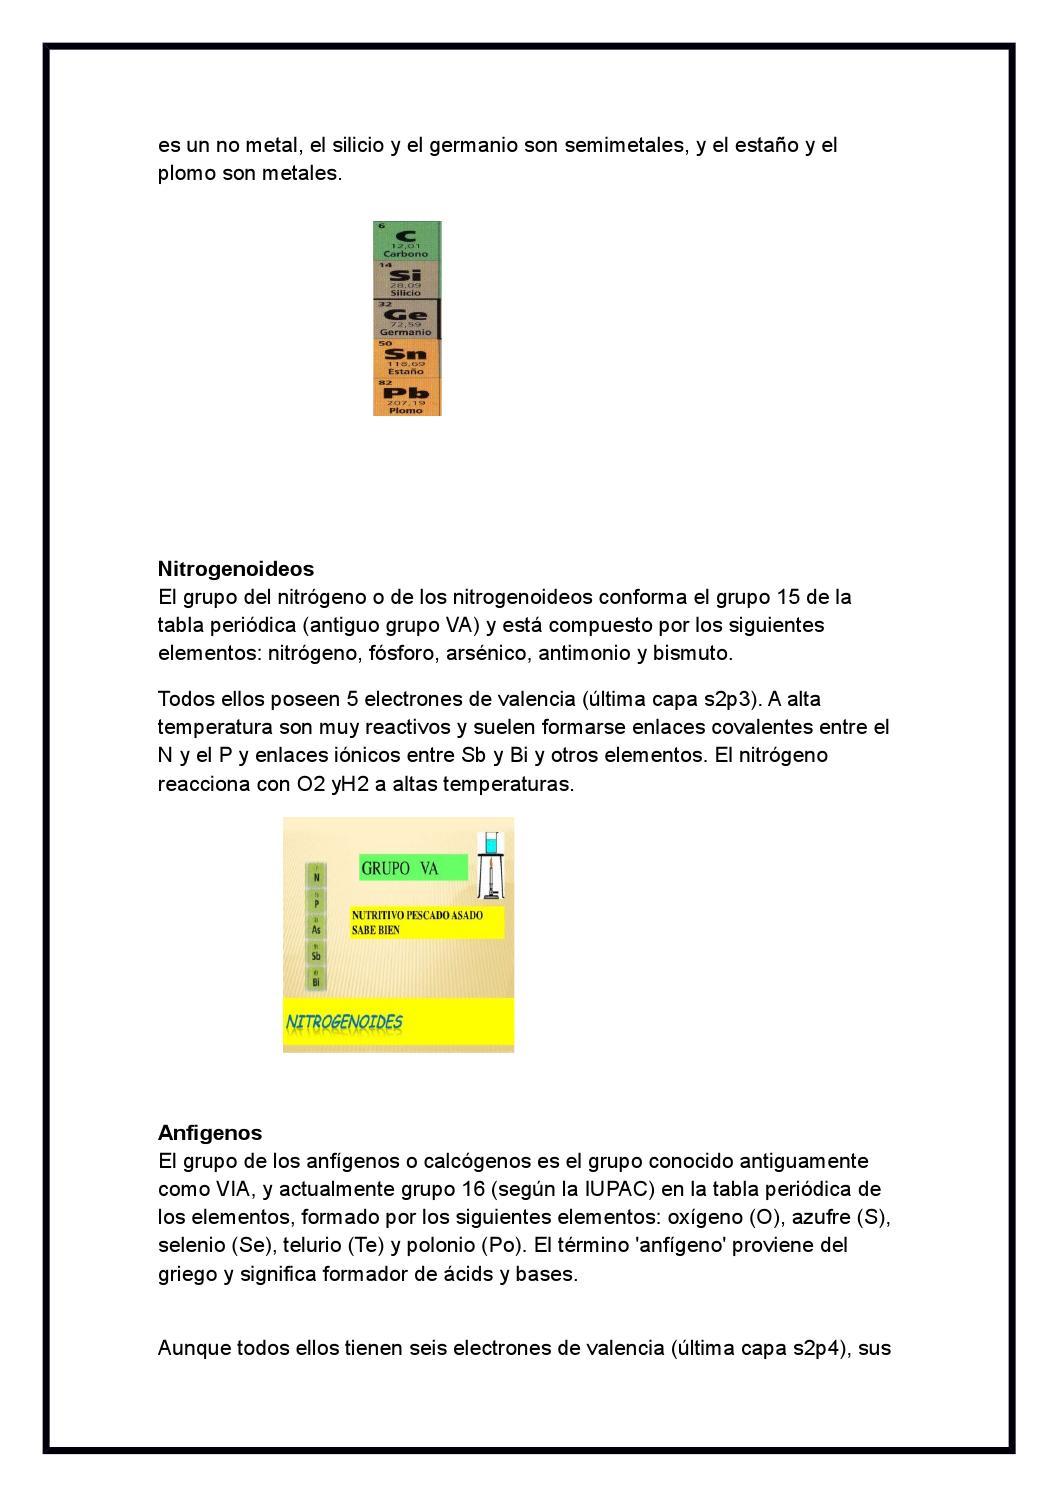 Propiedades y caracteristicas de cada grupo de la tabla periodica by propiedades y caracteristicas de cada grupo de la tabla periodica by amy ardiano issuu urtaz Image collections